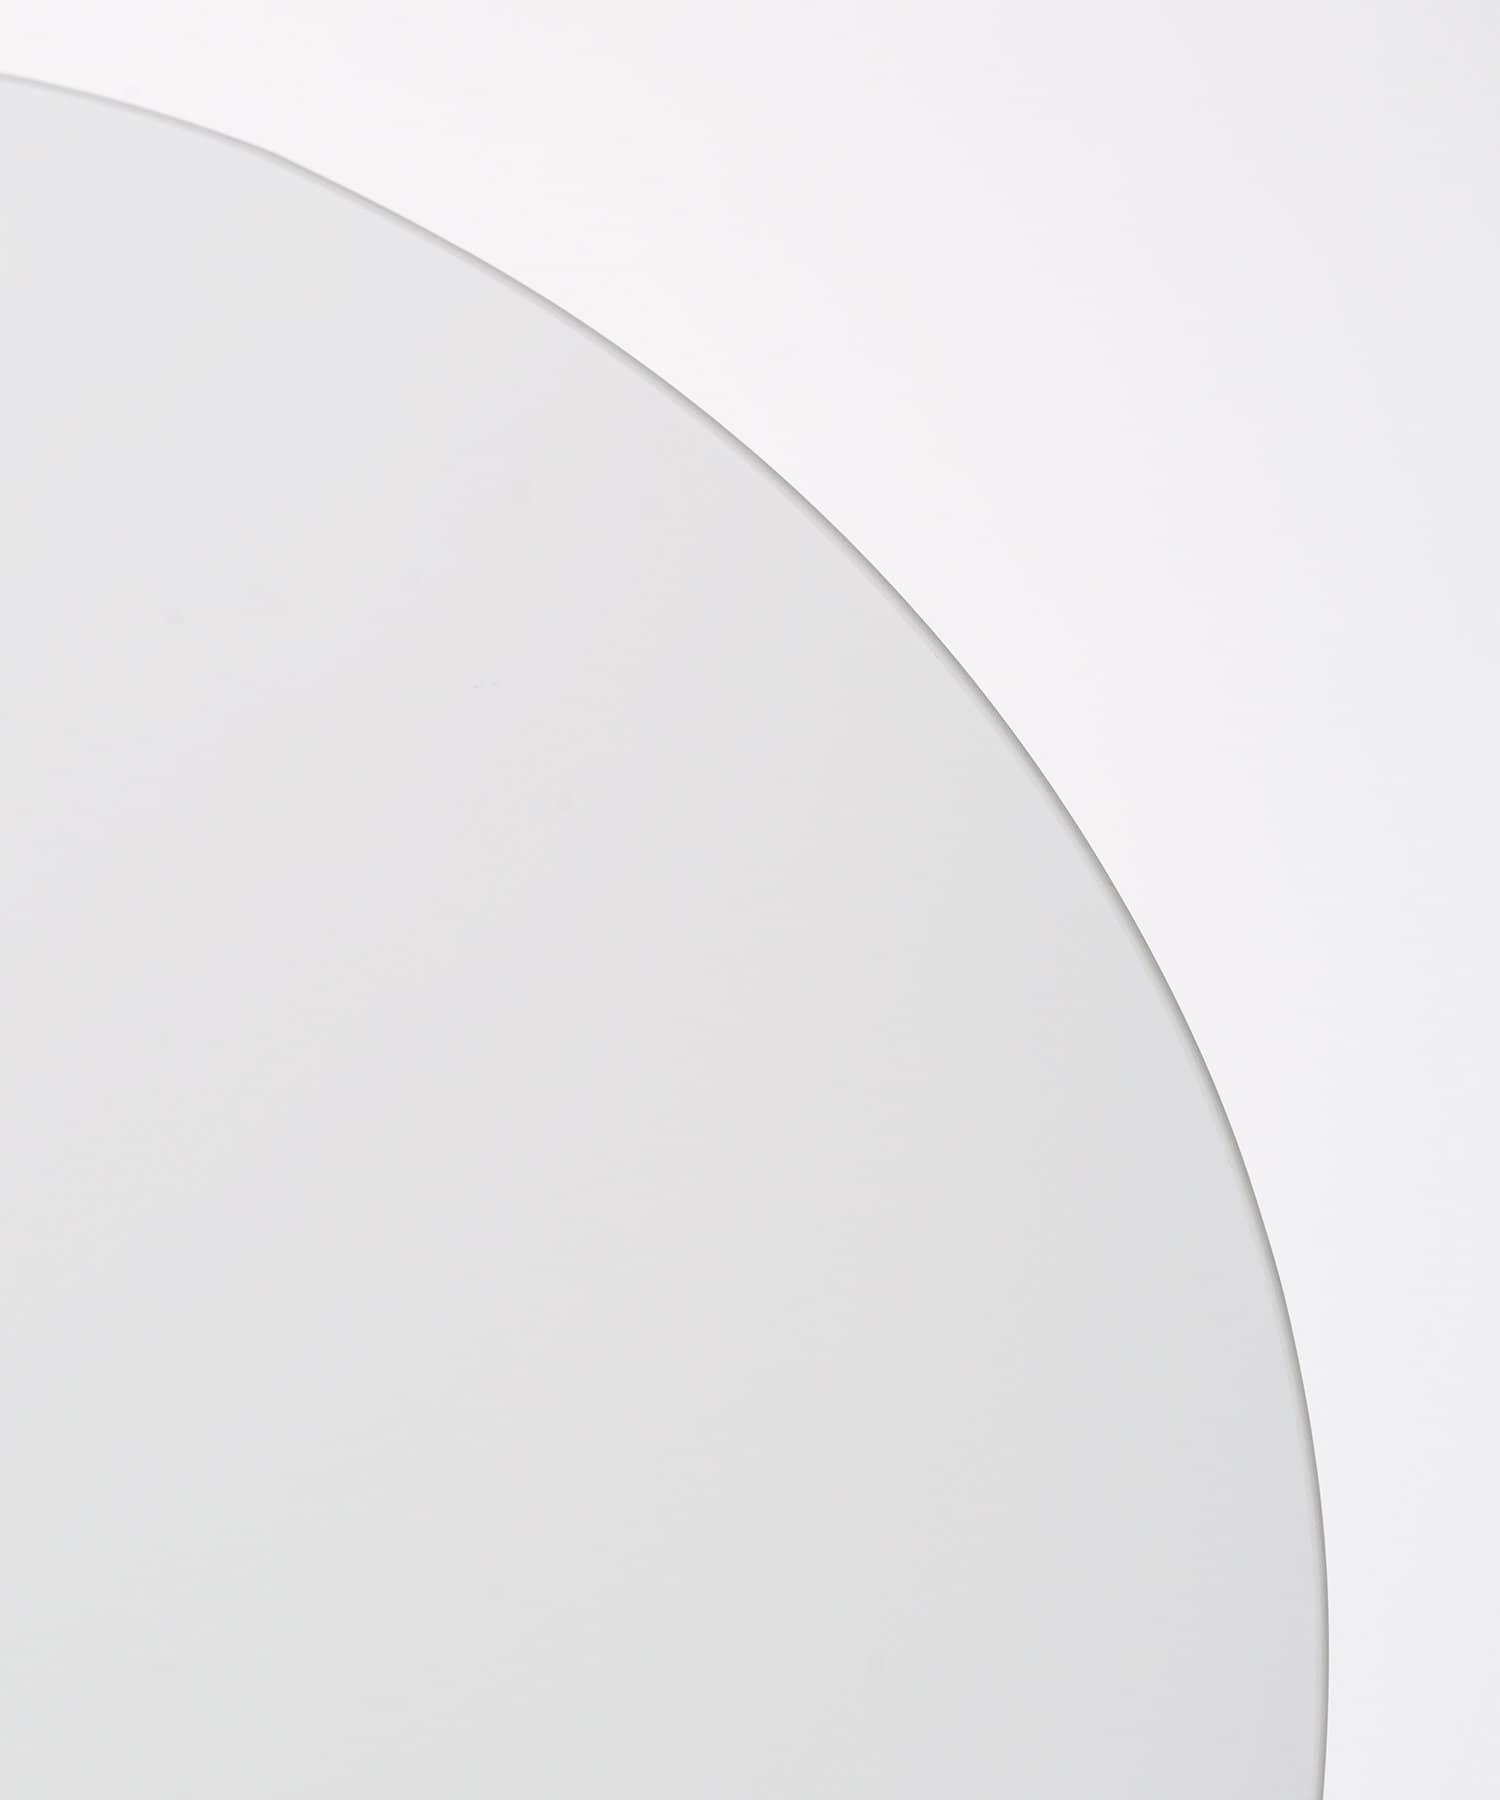 Lattice(ラティス) 【韓国風インテリア】スタンドミラーM